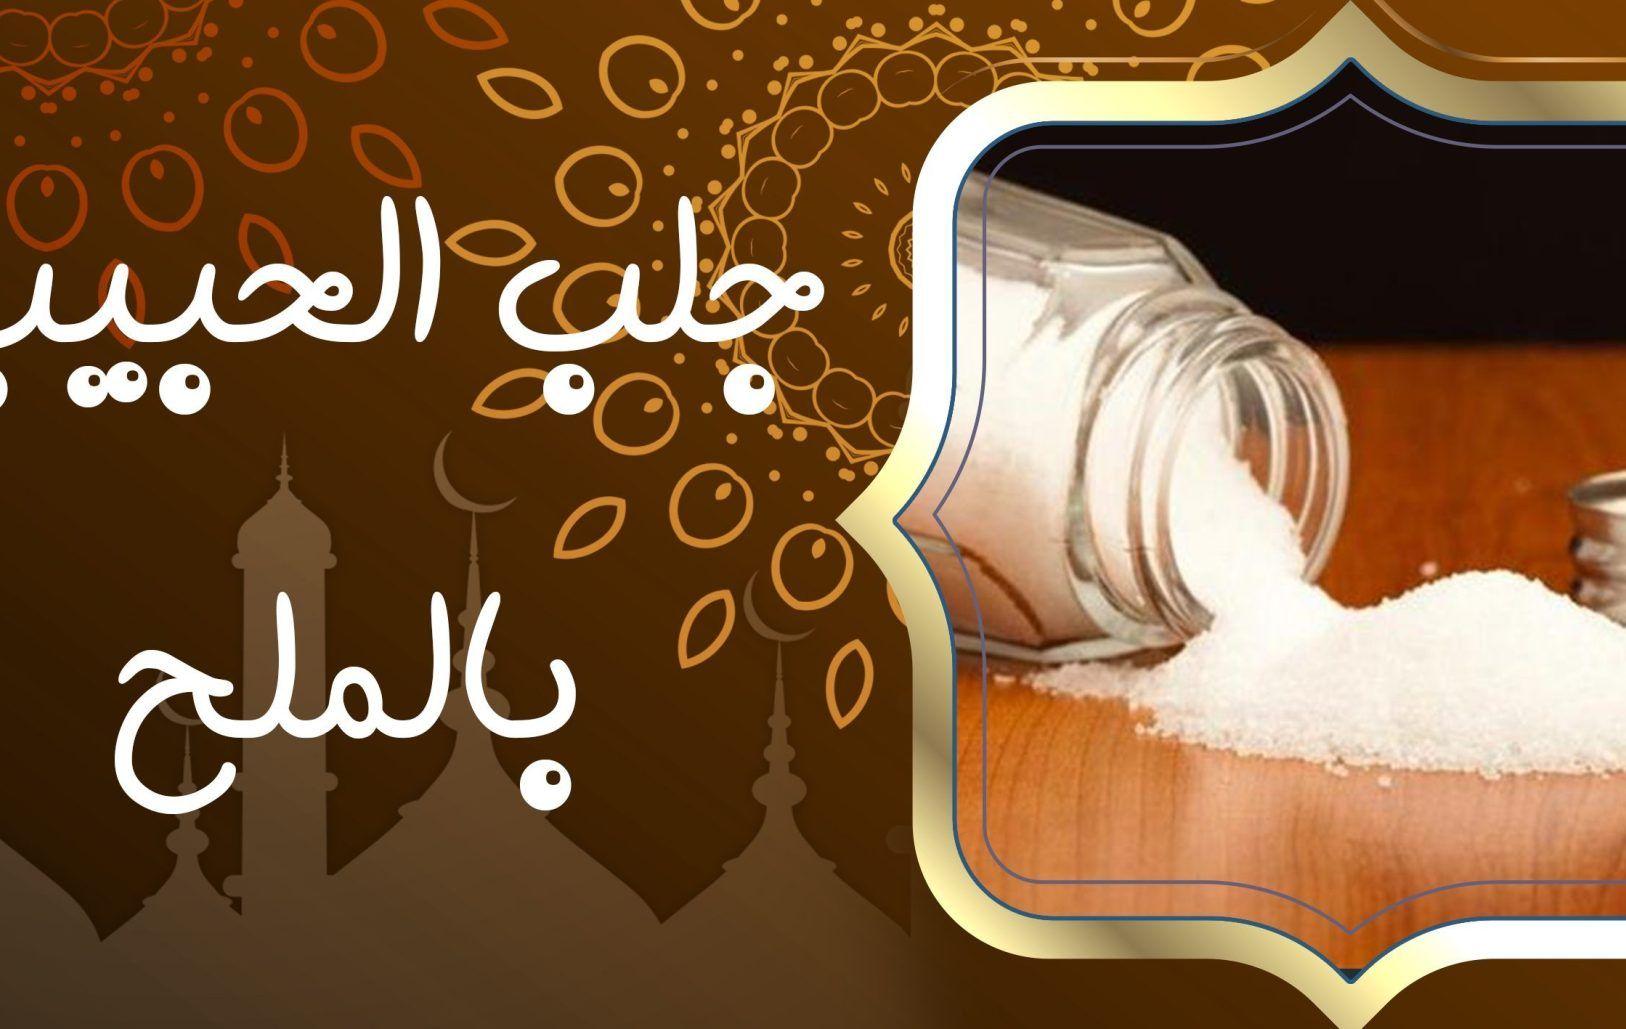 الشيخ الروحاني امجد محمود اقوى شيخ معالج في الخليج Calligraphy Arabic Calligraphy Art